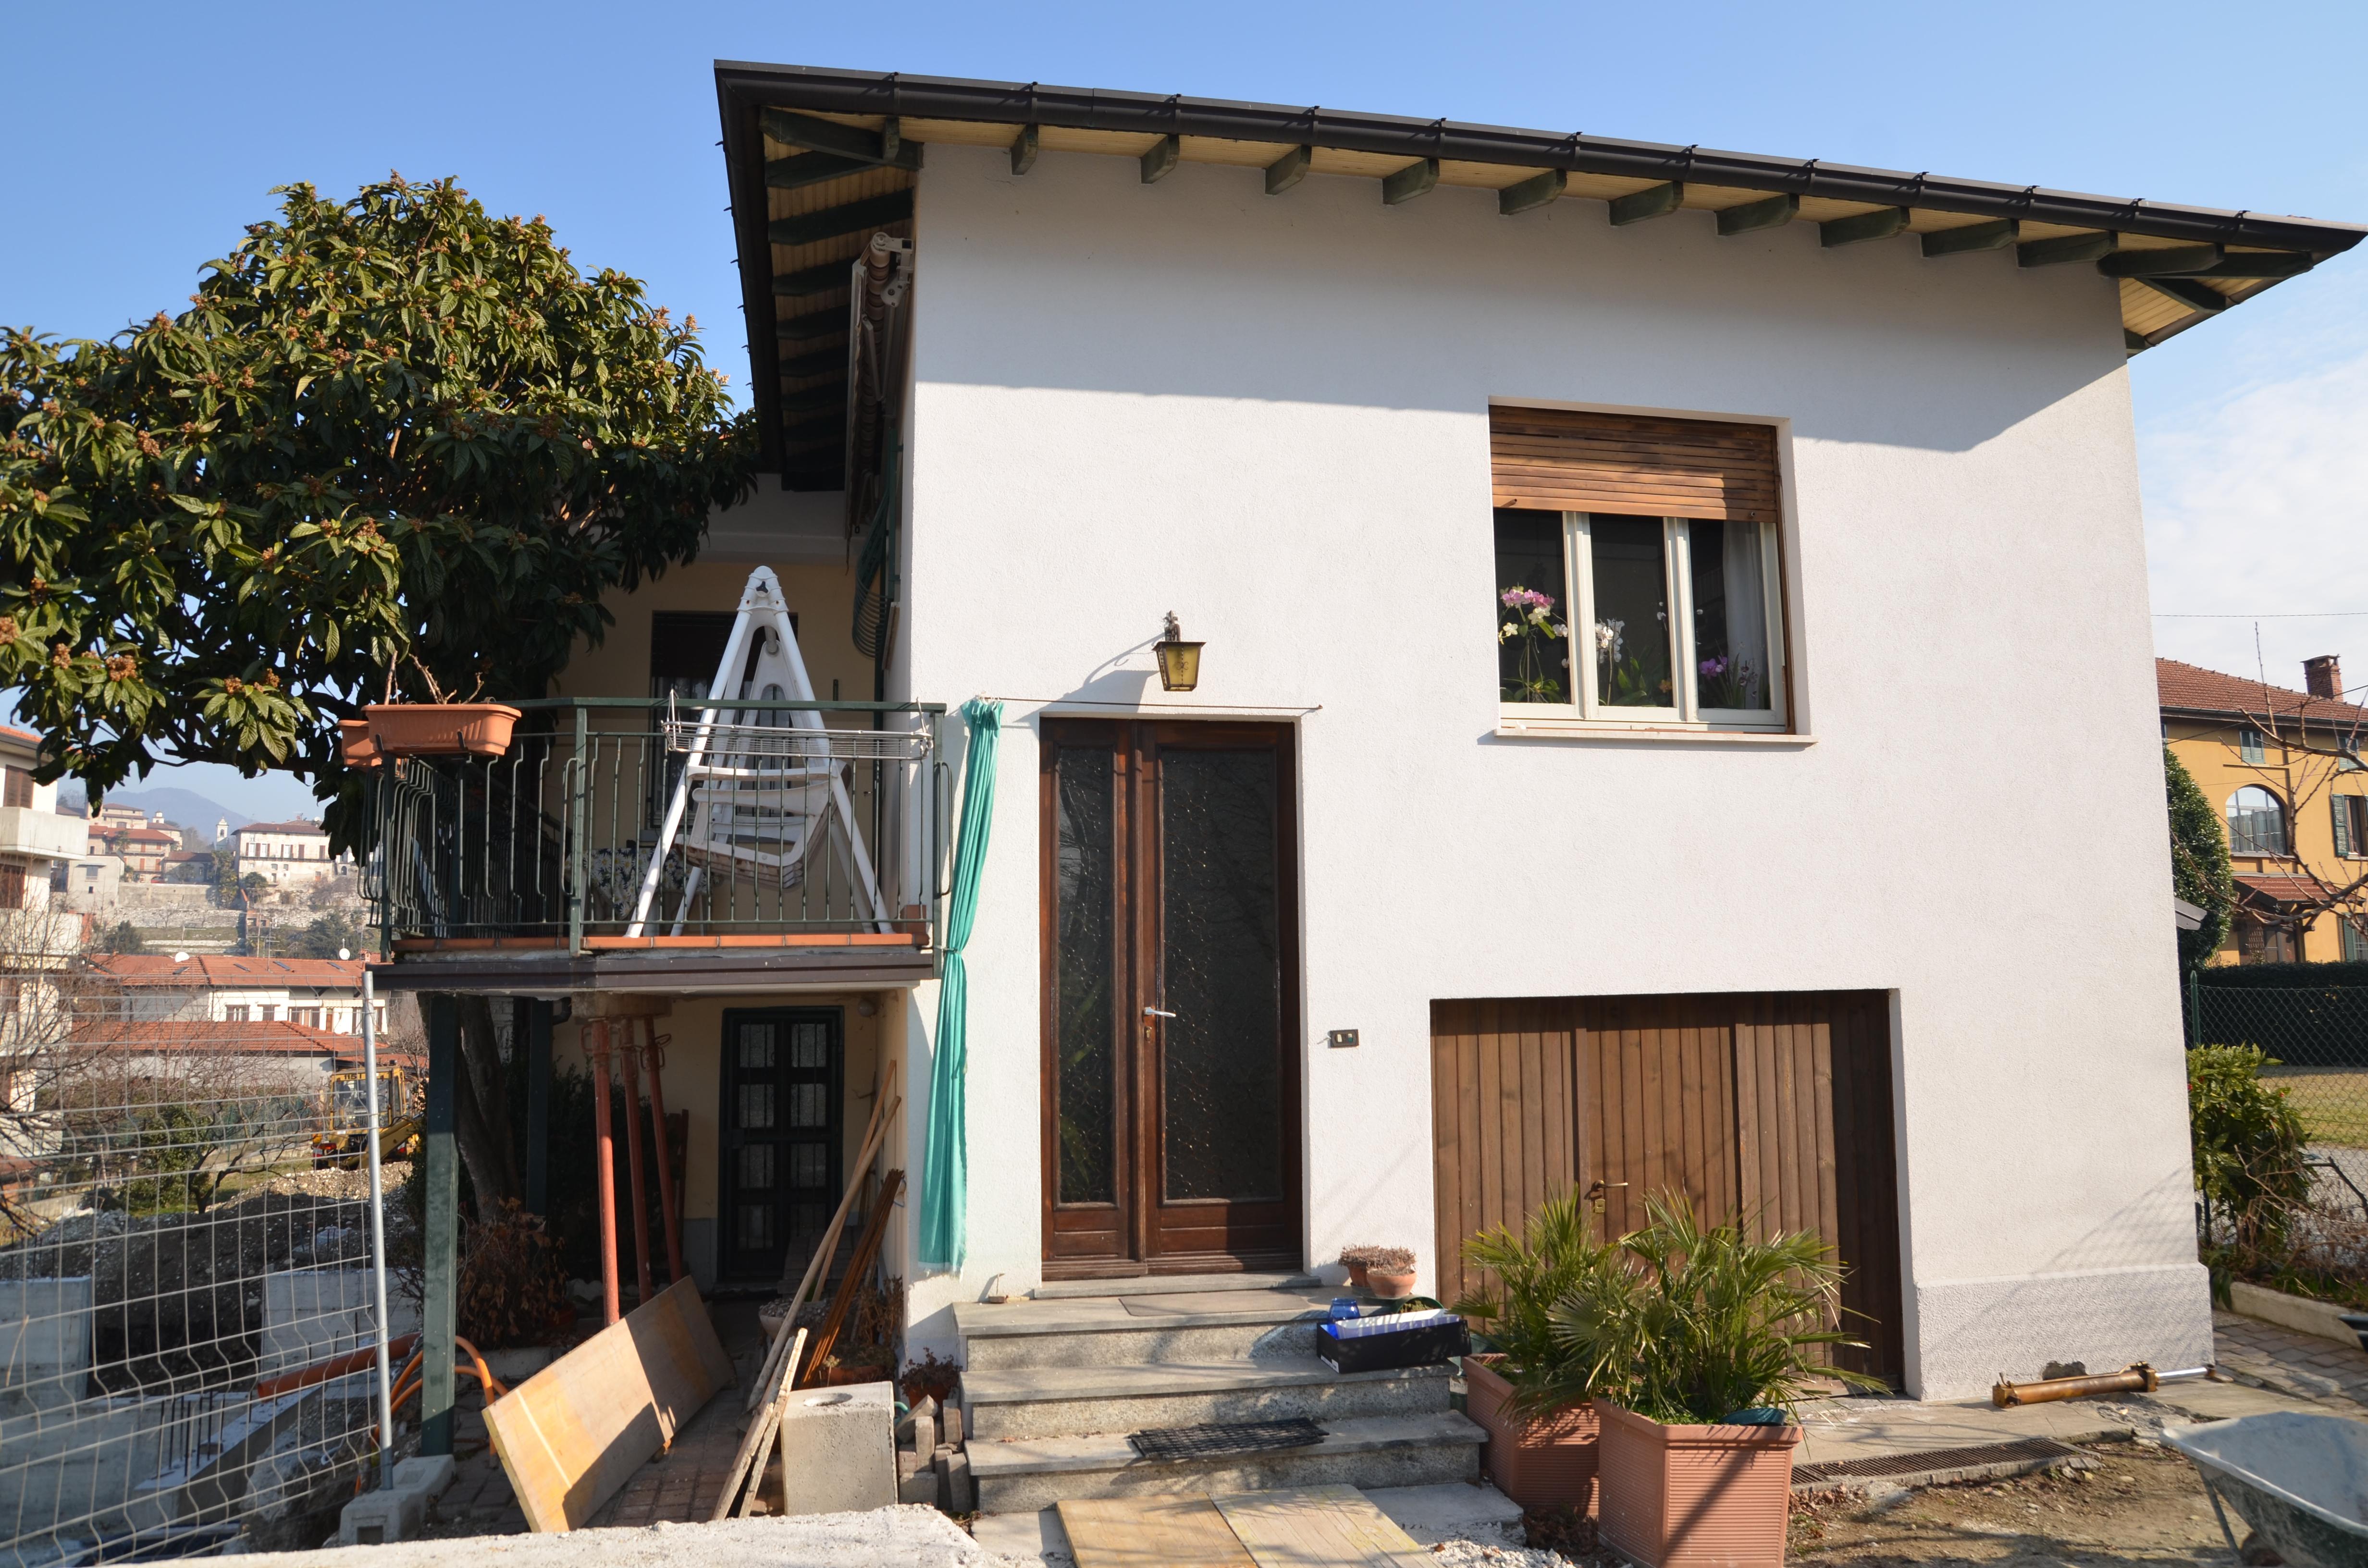 Best progetto di casa idee casa progetto casa dbaexpx with idee progetto casa - Idee progetto casa ...